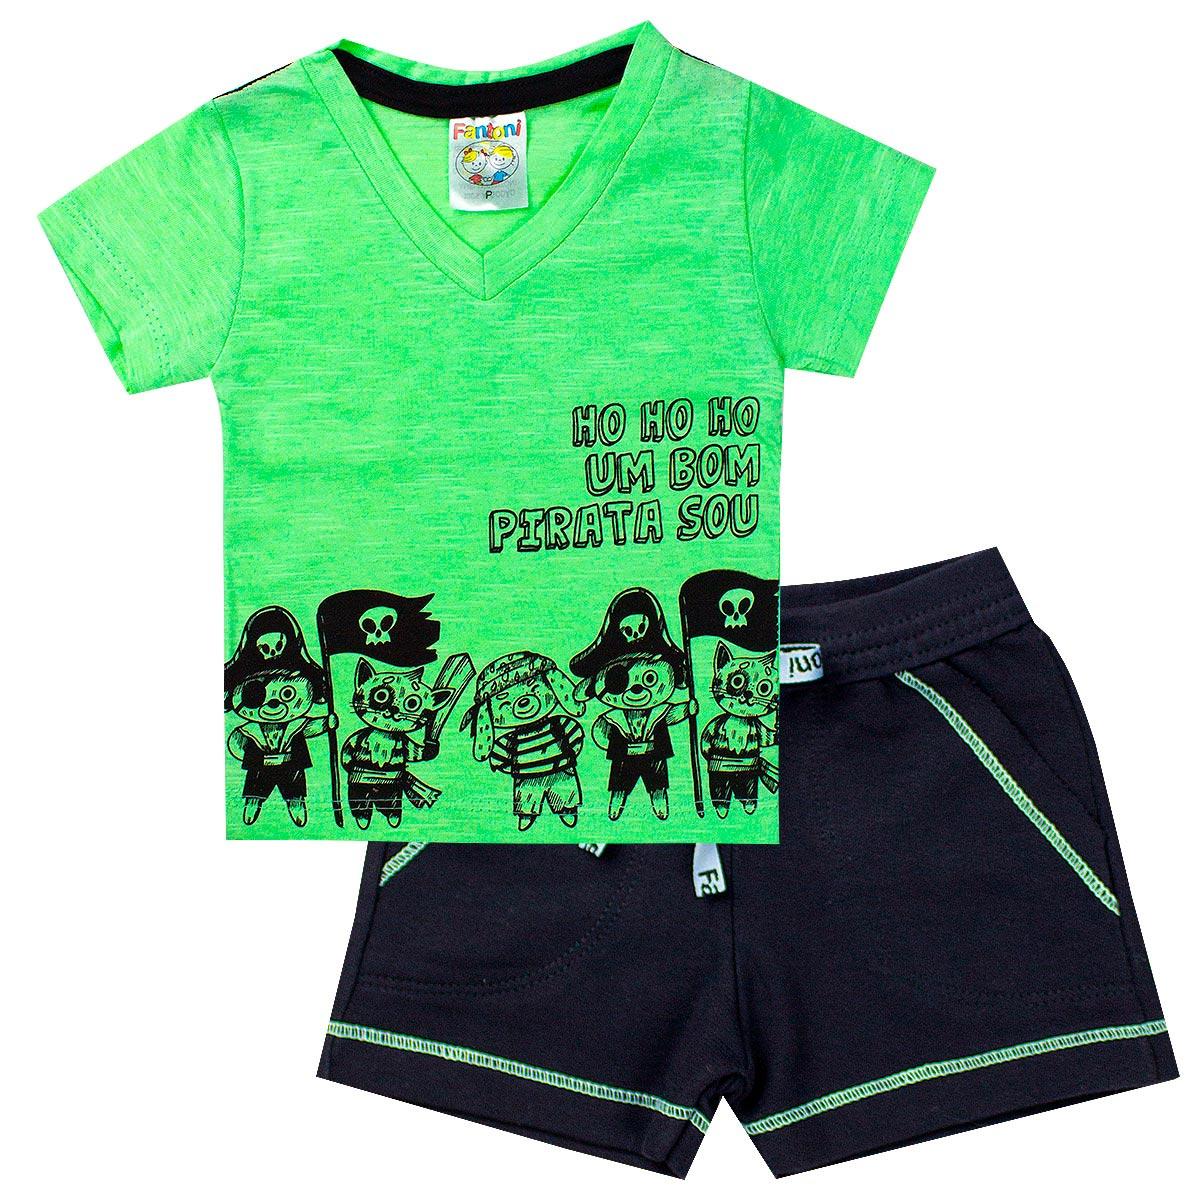 Conjunto Infantil Menino Camisa Bom Pirata Verde - Fantoni